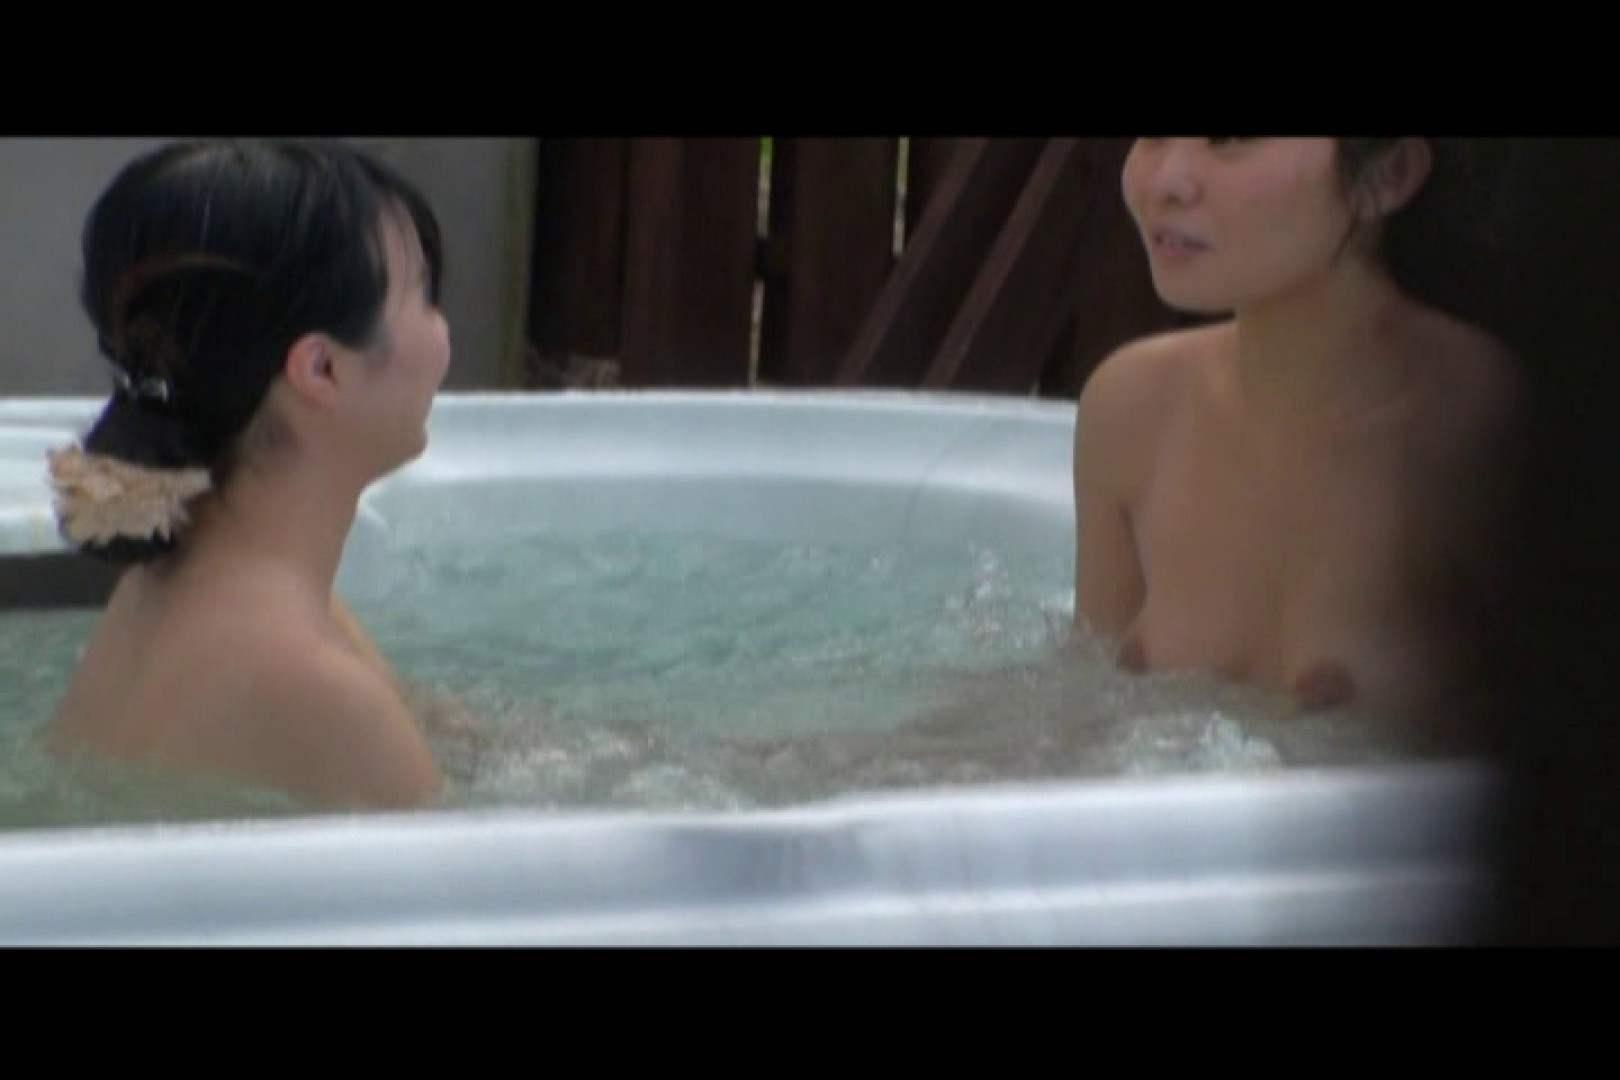 貸切露天 発情カップル! vol.07 露天風呂の女達   カップルのセックス  100連発 80